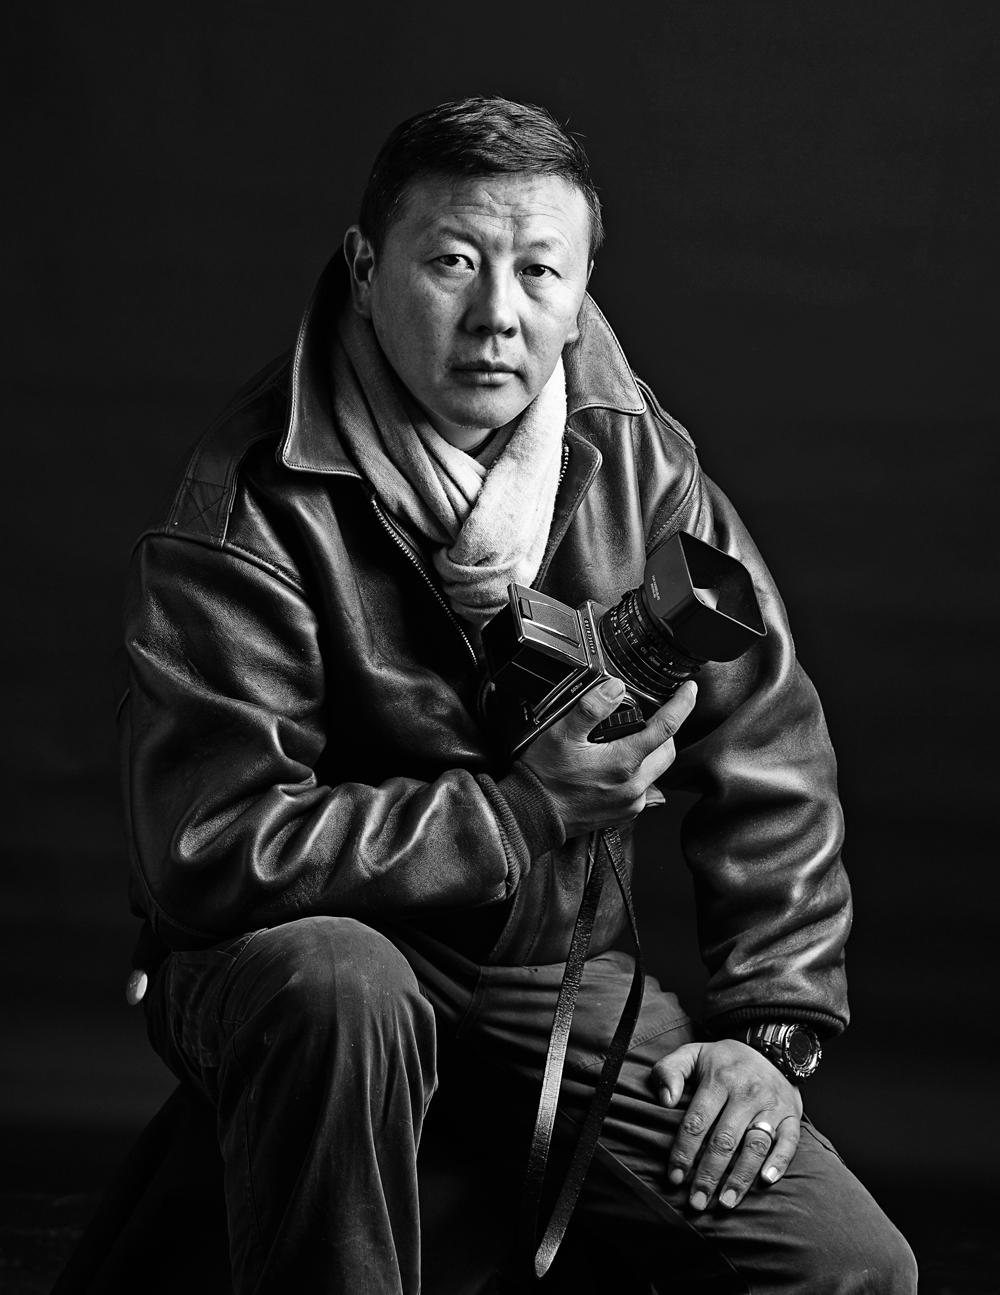 西藏摄影家【第25期】:扎堆